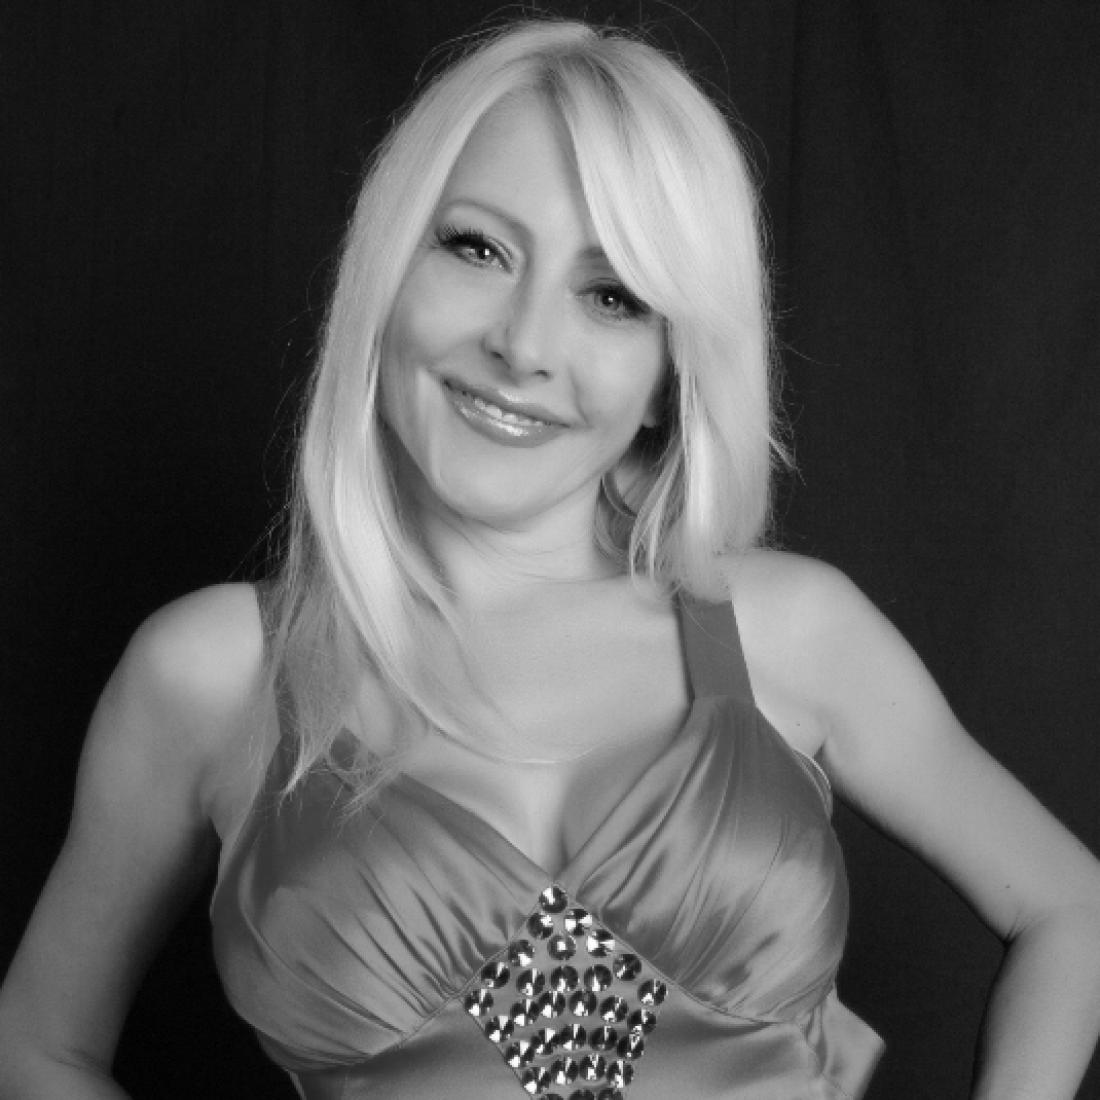 Оксана Хожай, певица